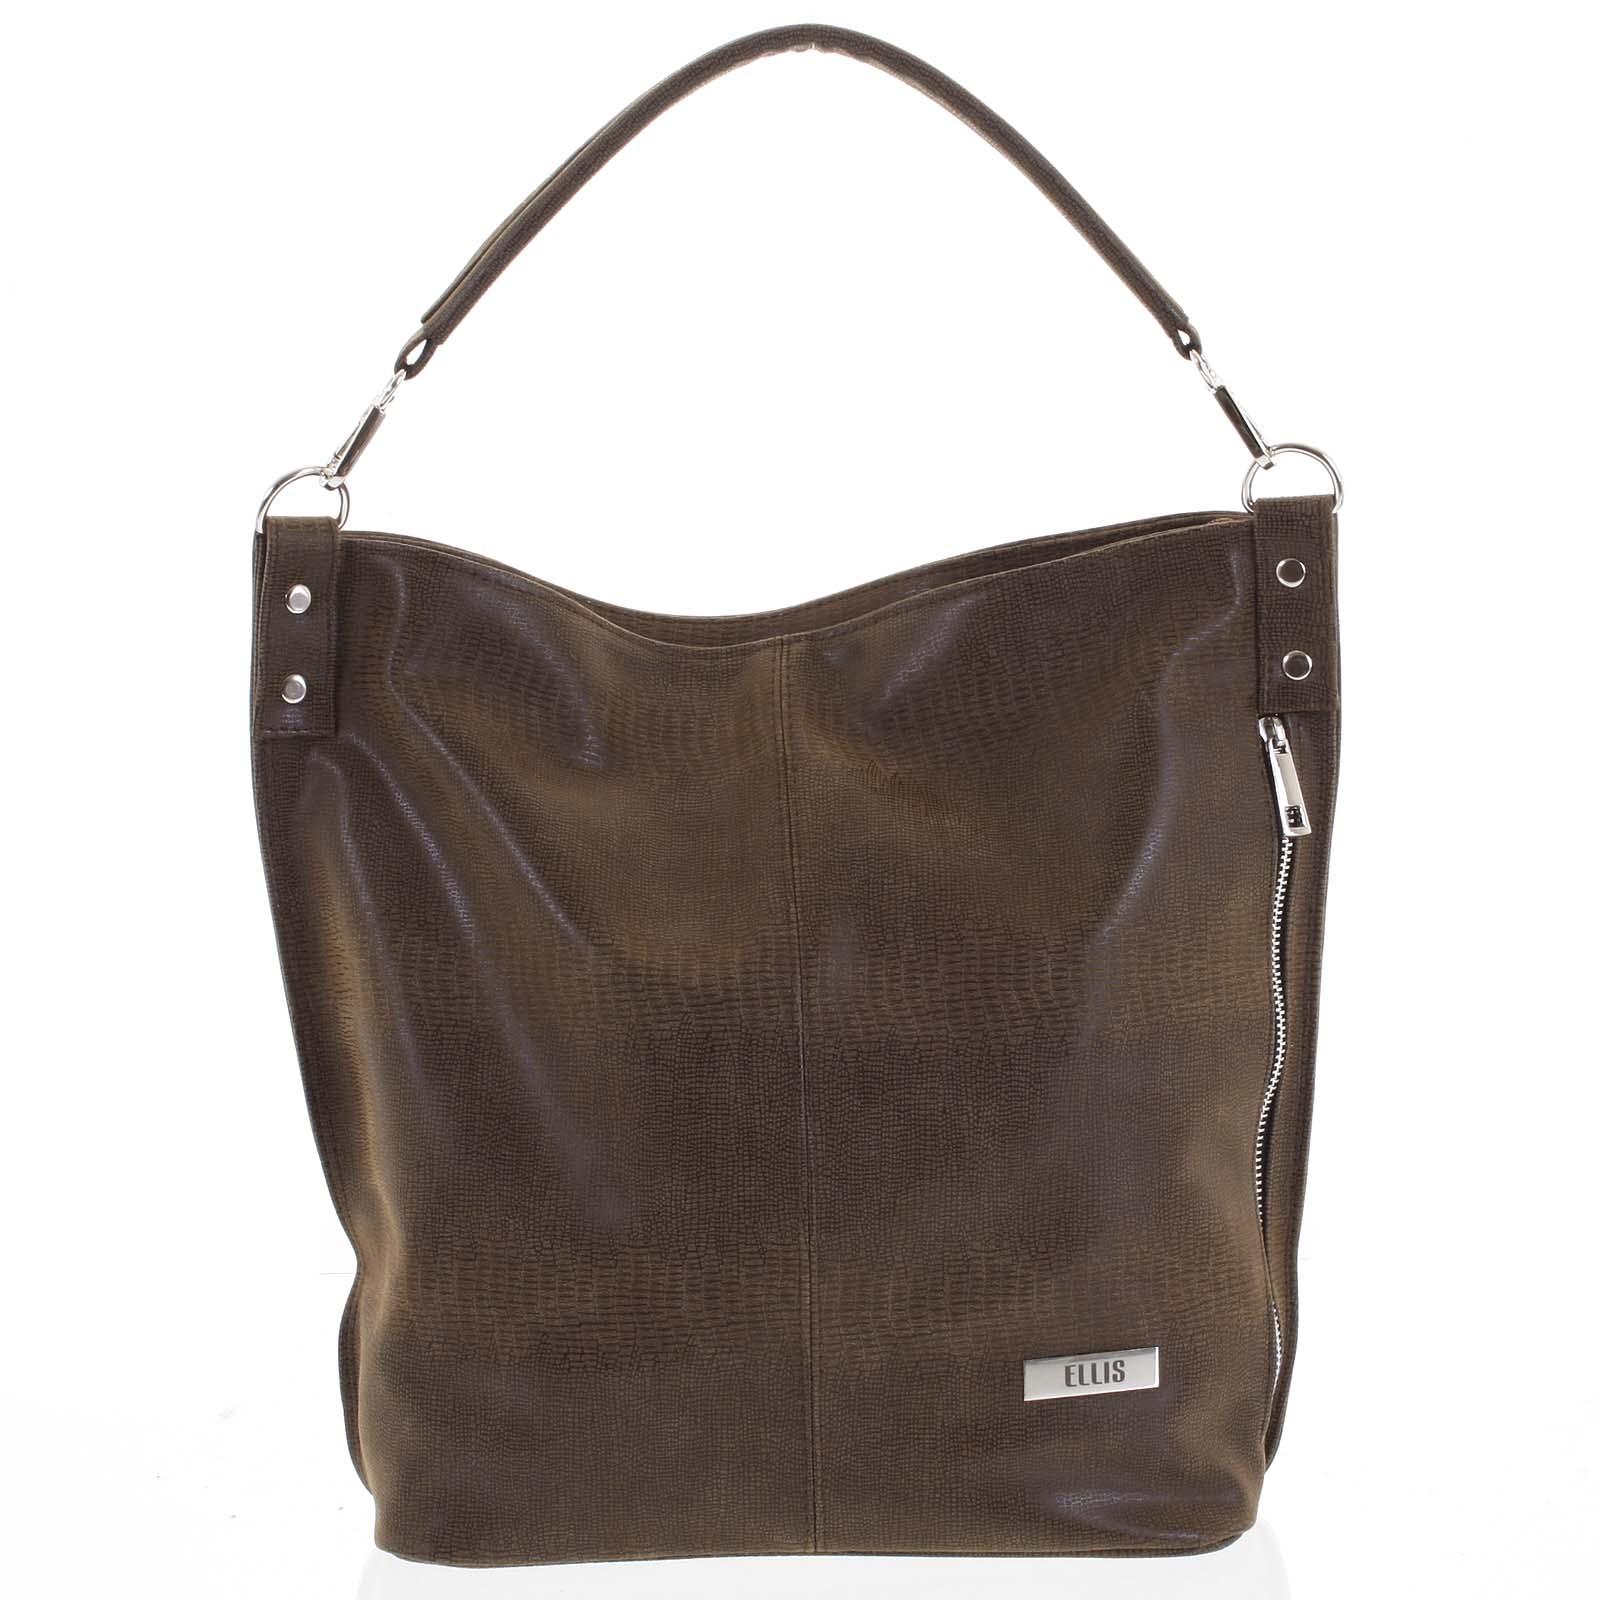 Elegantná dámska kabelka cez plece hnedá so vzorom - Ellis Negina